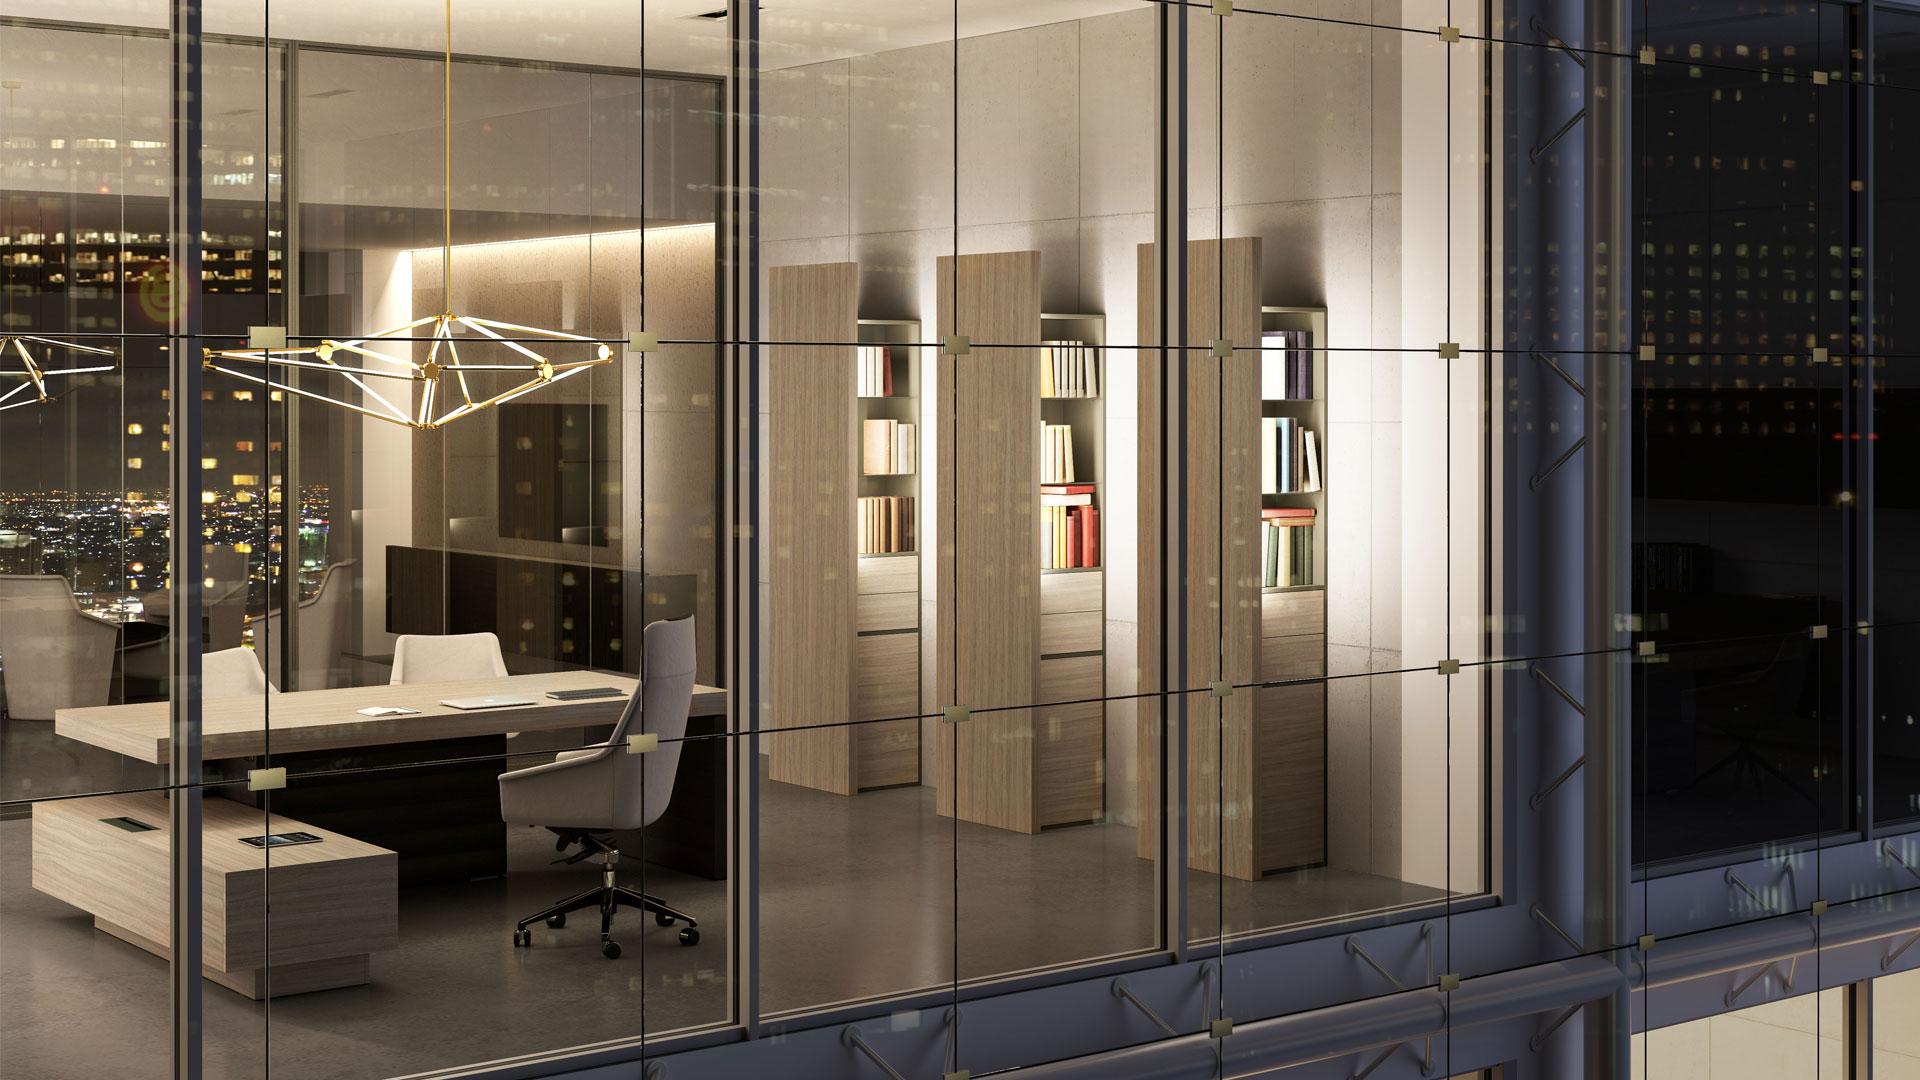 Design Di Mobili Per Ufficio : Corsini cancelleria è distributore di arredamento per ufficio las